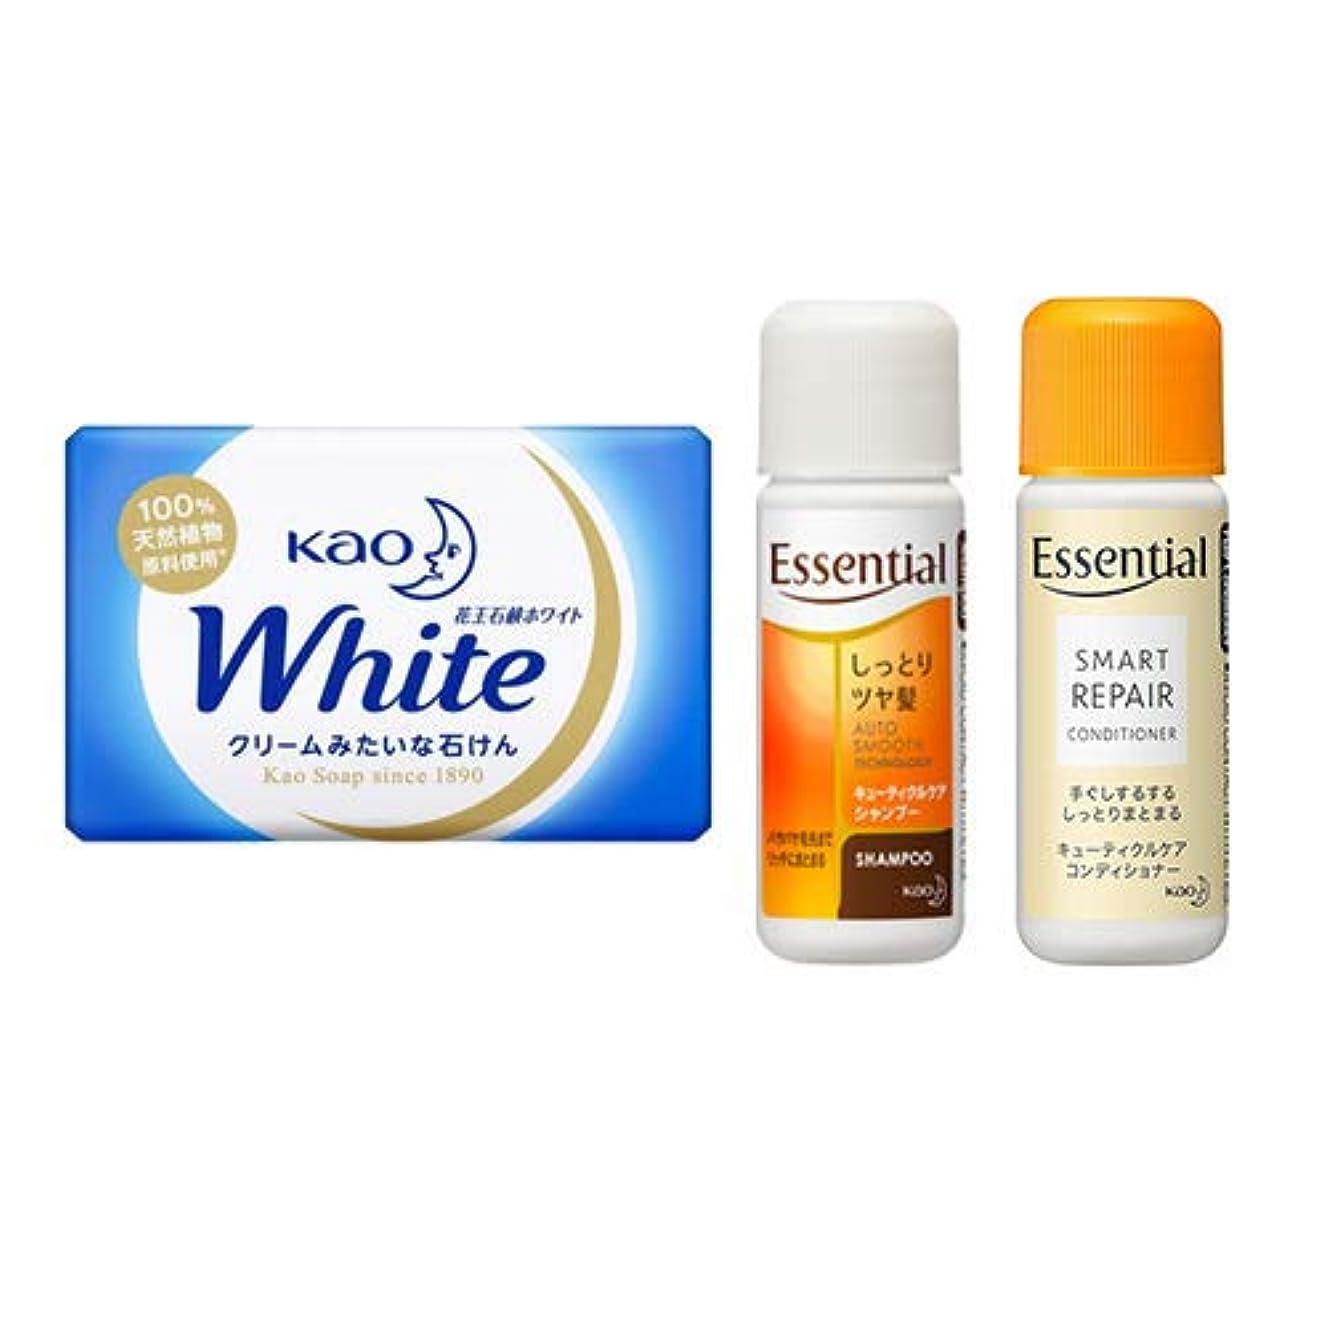 概してデクリメントケニア花王(KAO) 石鹸ホワイト(Kao Soap White) 15g + エッセンシャルシャンプー 16ml + コンディショナー 16ml セット